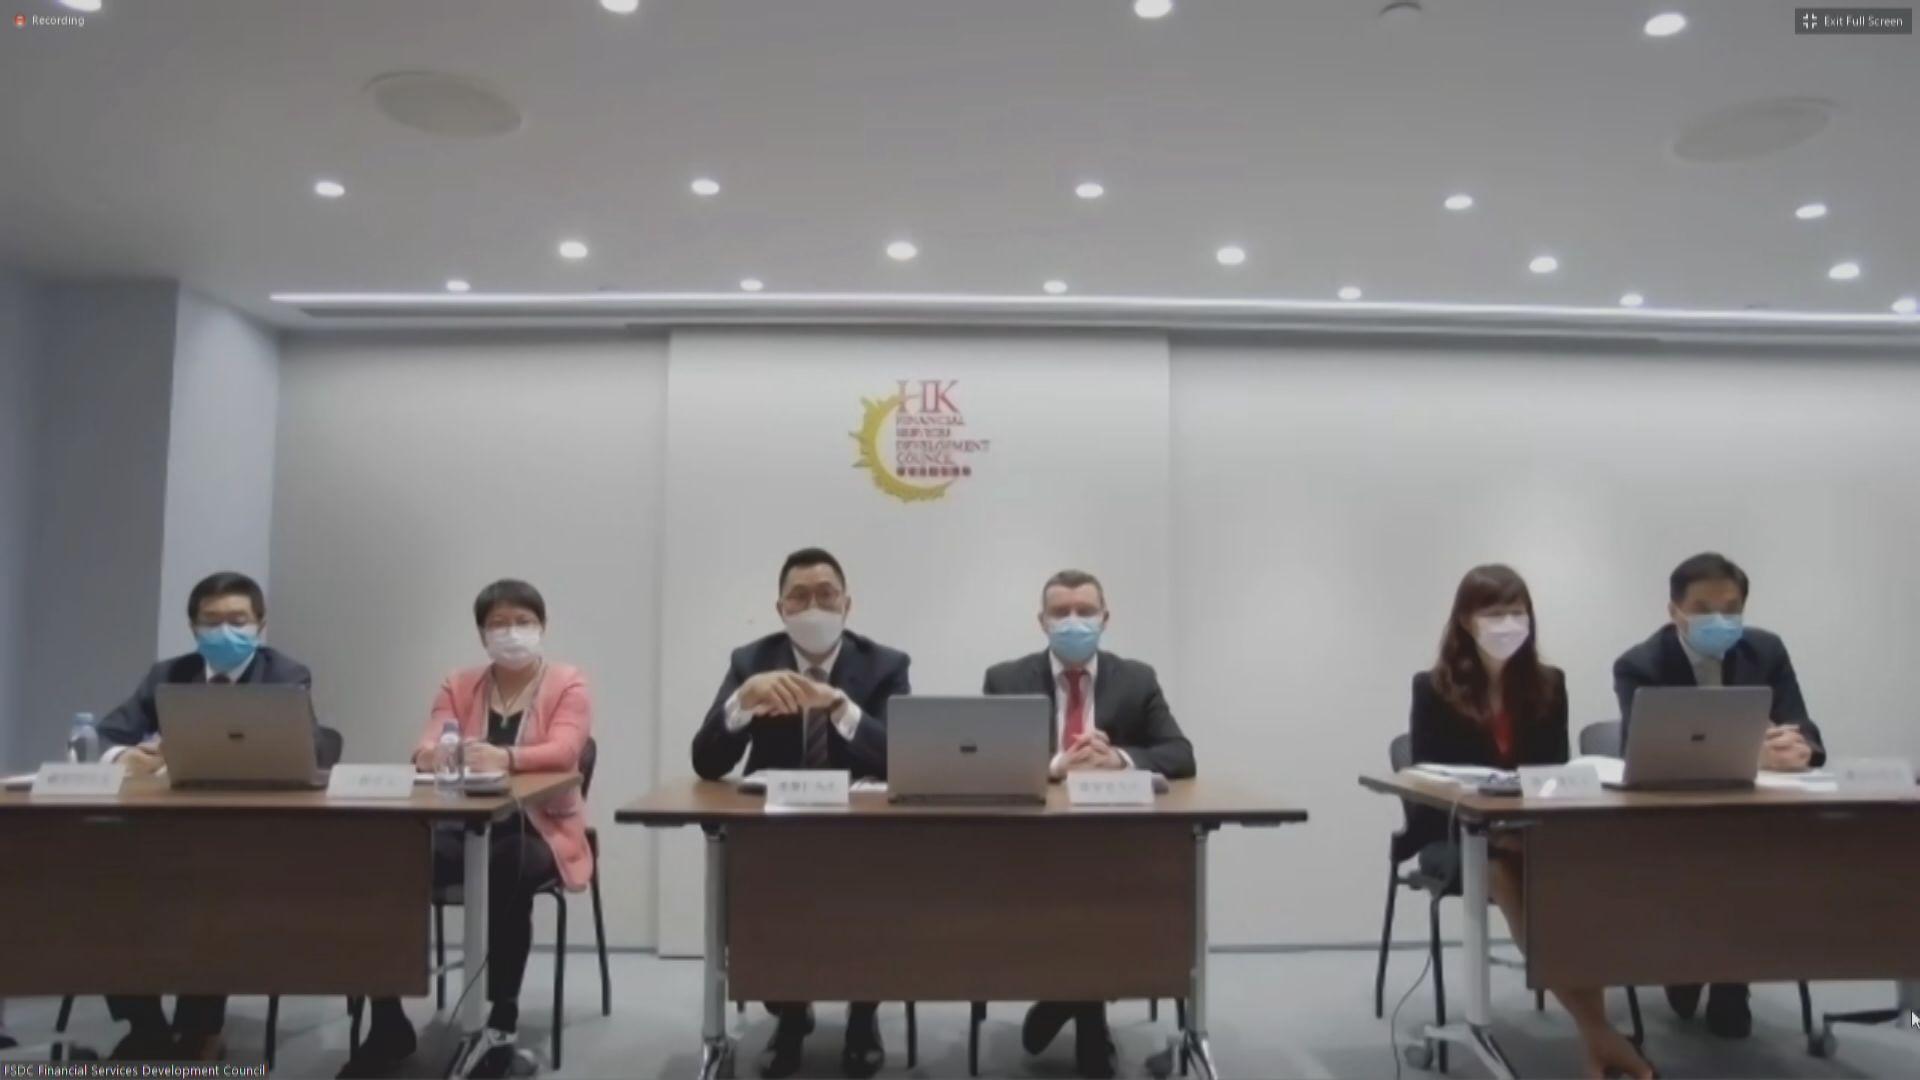 美國撤香港特殊待遇 金發局:毋須過份憂慮